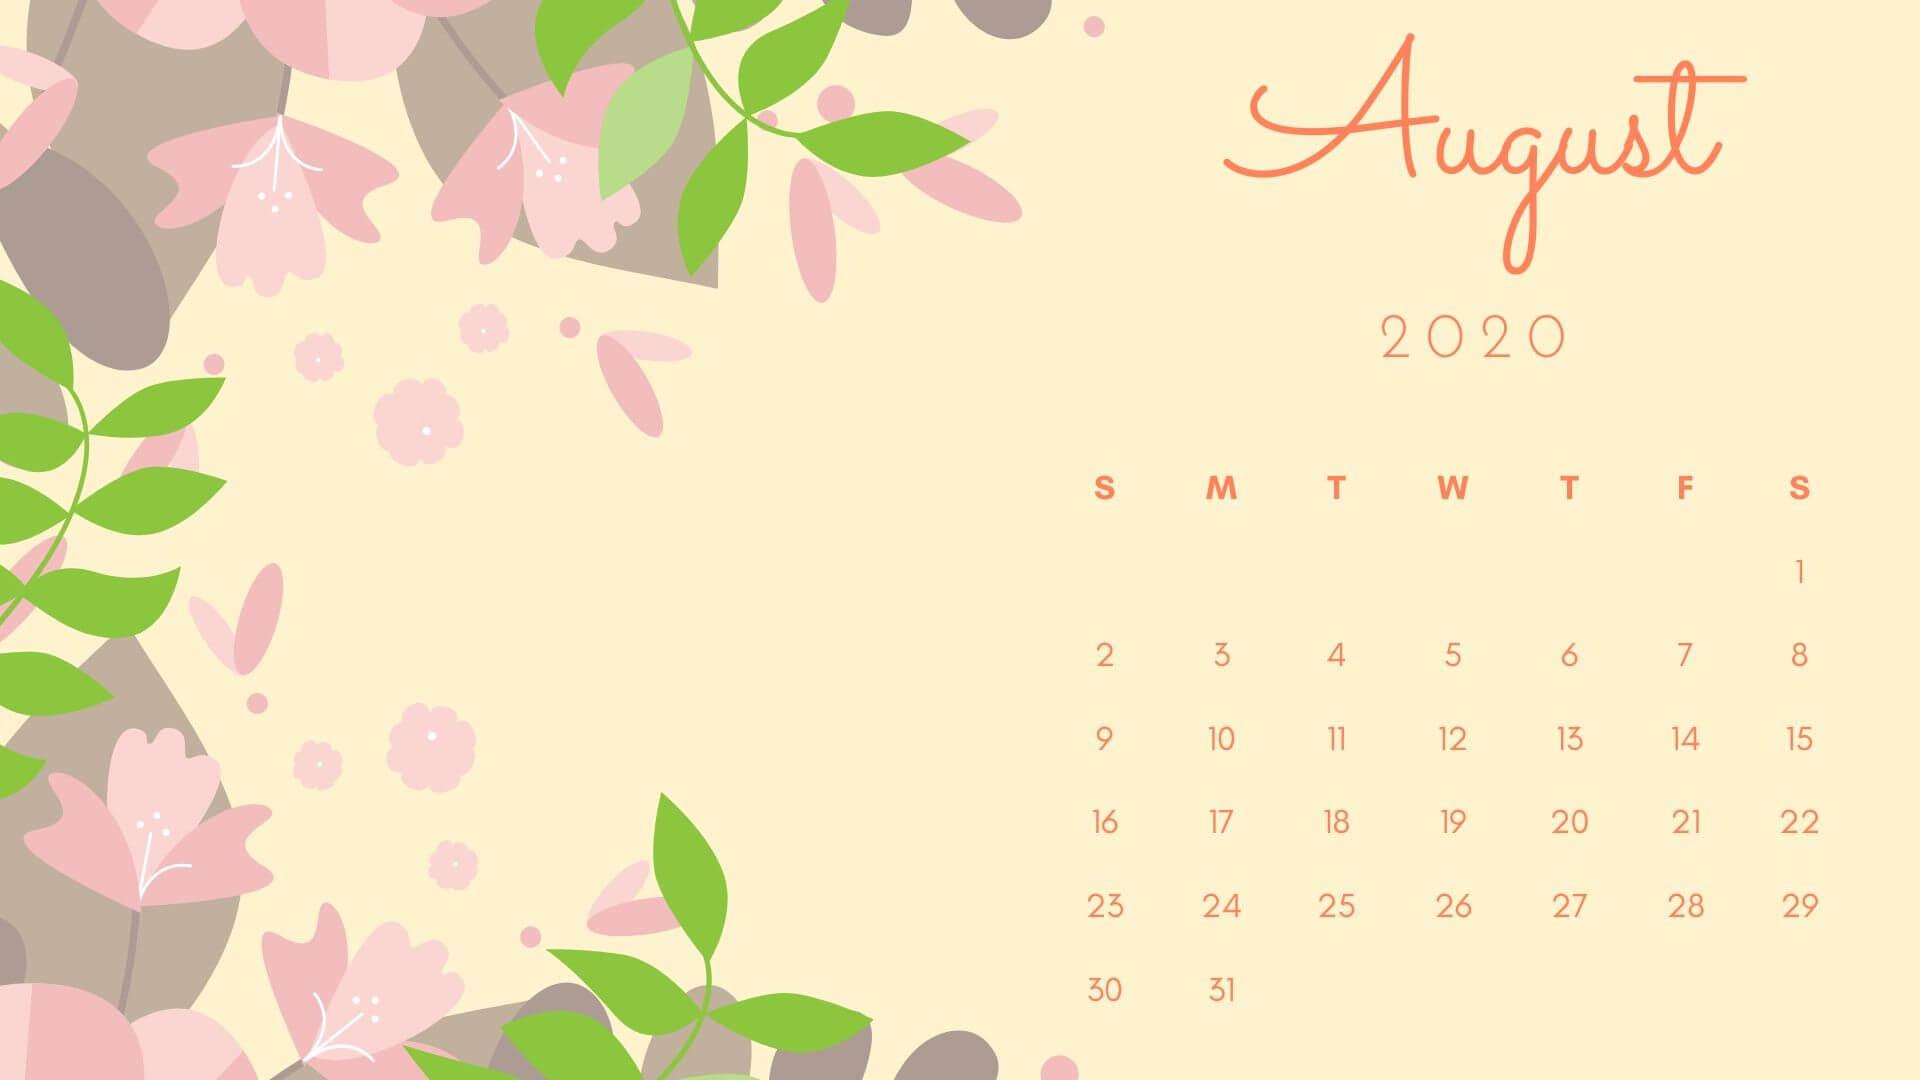 August 2021 Desktop Calendar Wallpaper